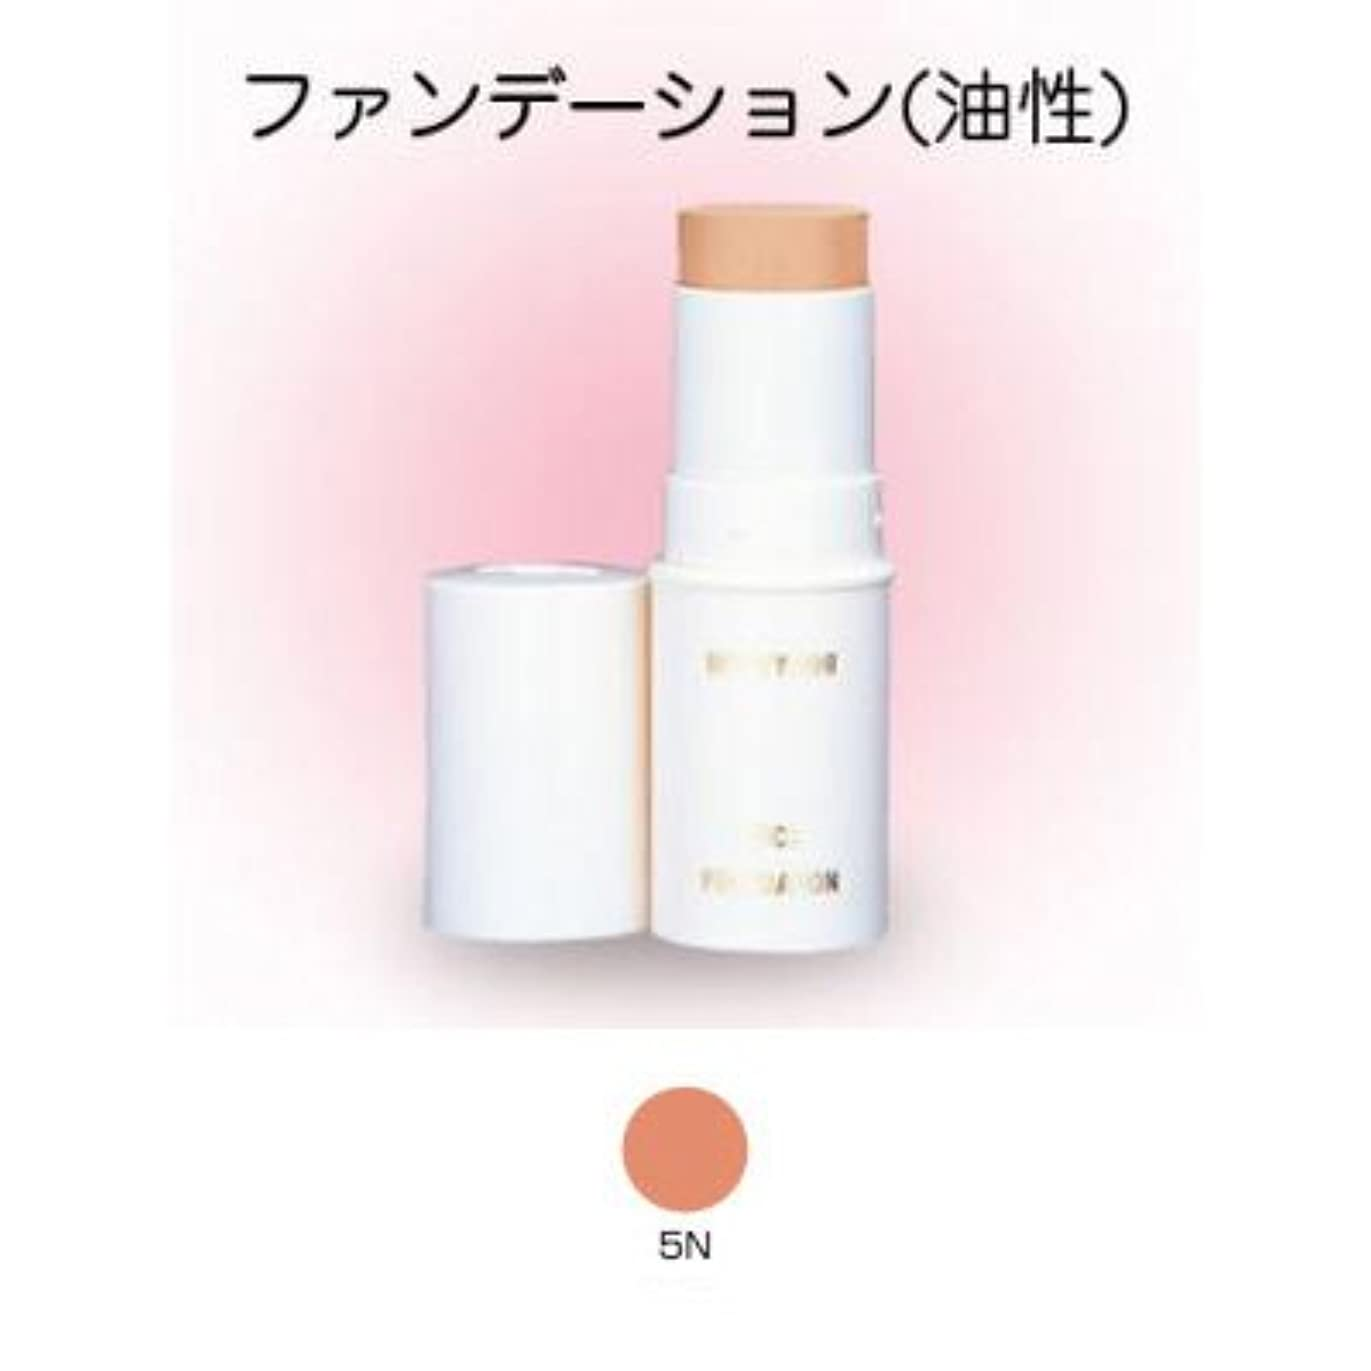 砂利宿泊教会スティックファンデーション 16g 5N 【三善】